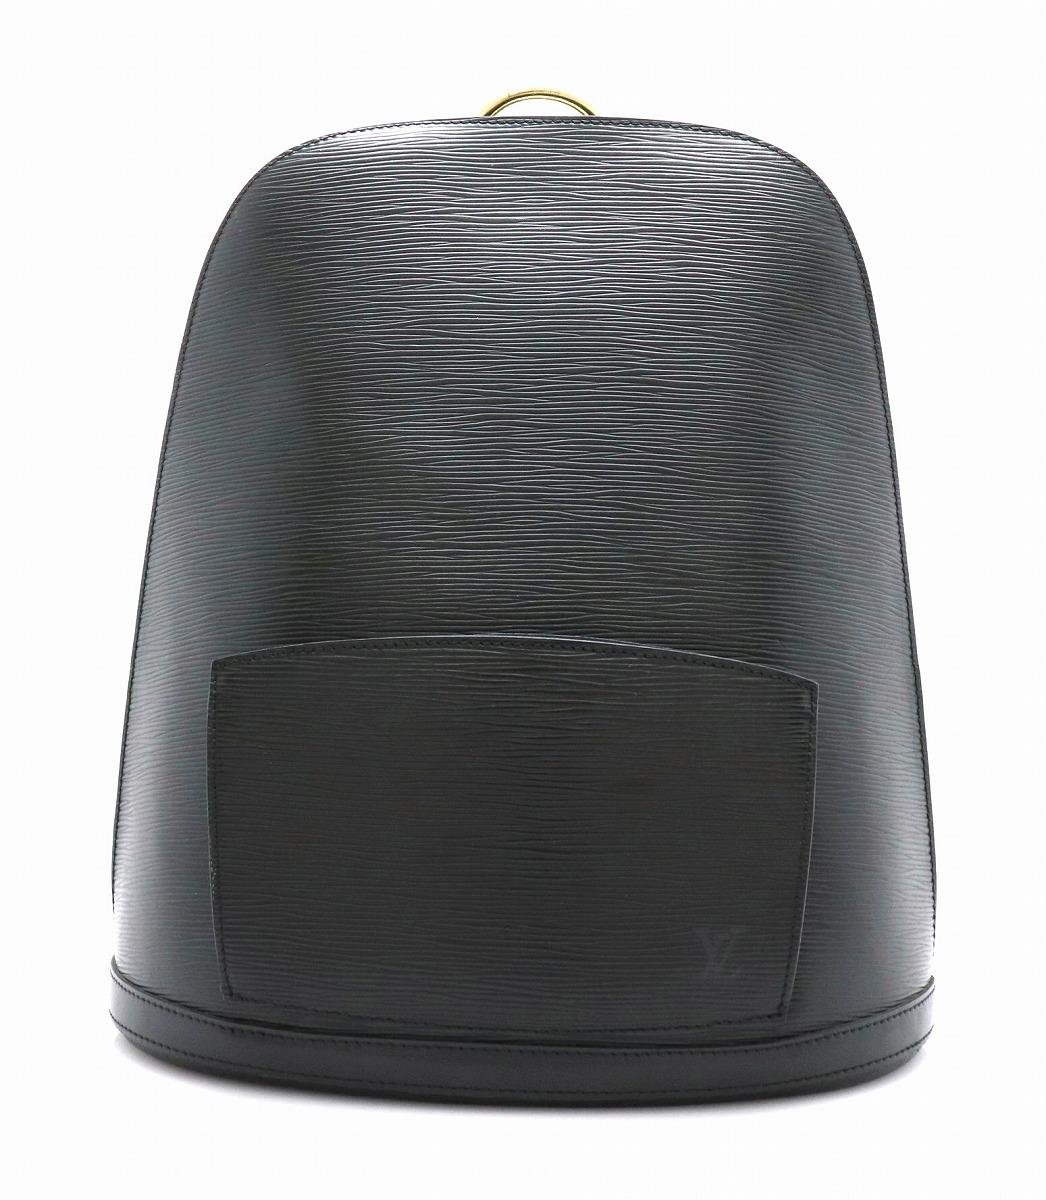 【バッグ】LOUIS VUITTON ルイ ヴィトン エピ コブラン リュック レザー ノワール 黒 ブラック M52292 【中古】【k】